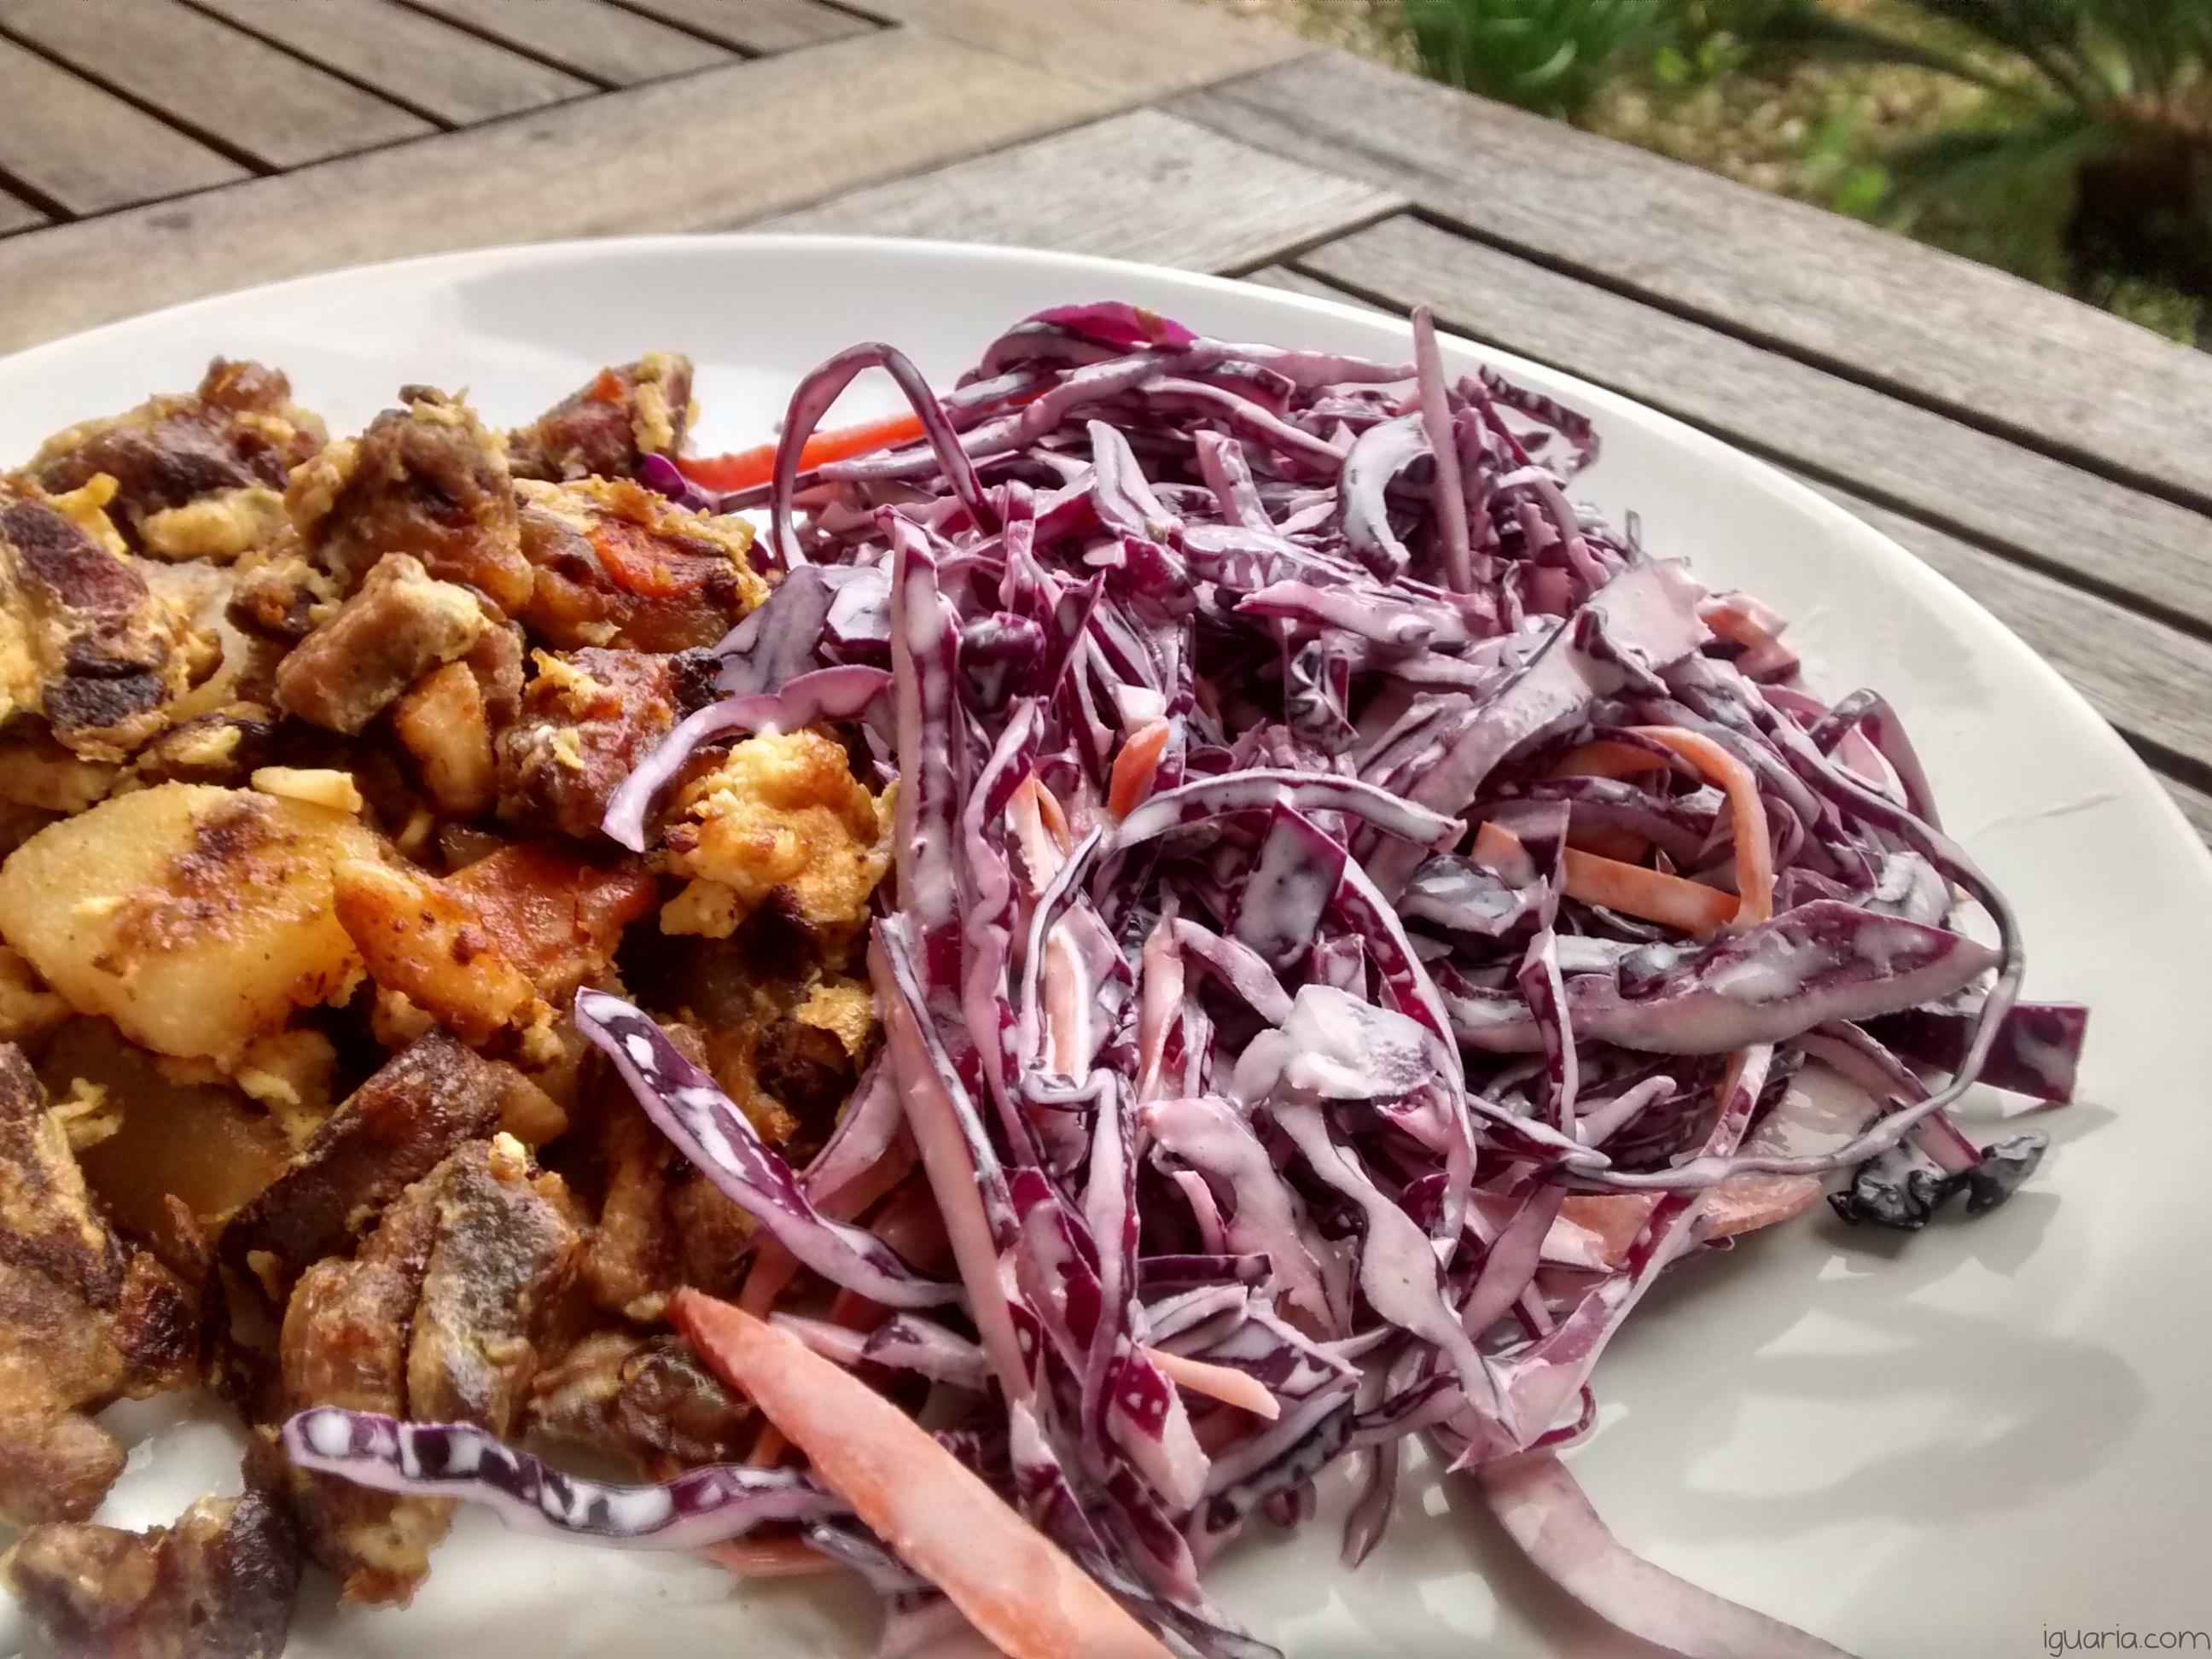 Iguaria_Porco-Batatas-e-Ovo-Frito-com-Salada